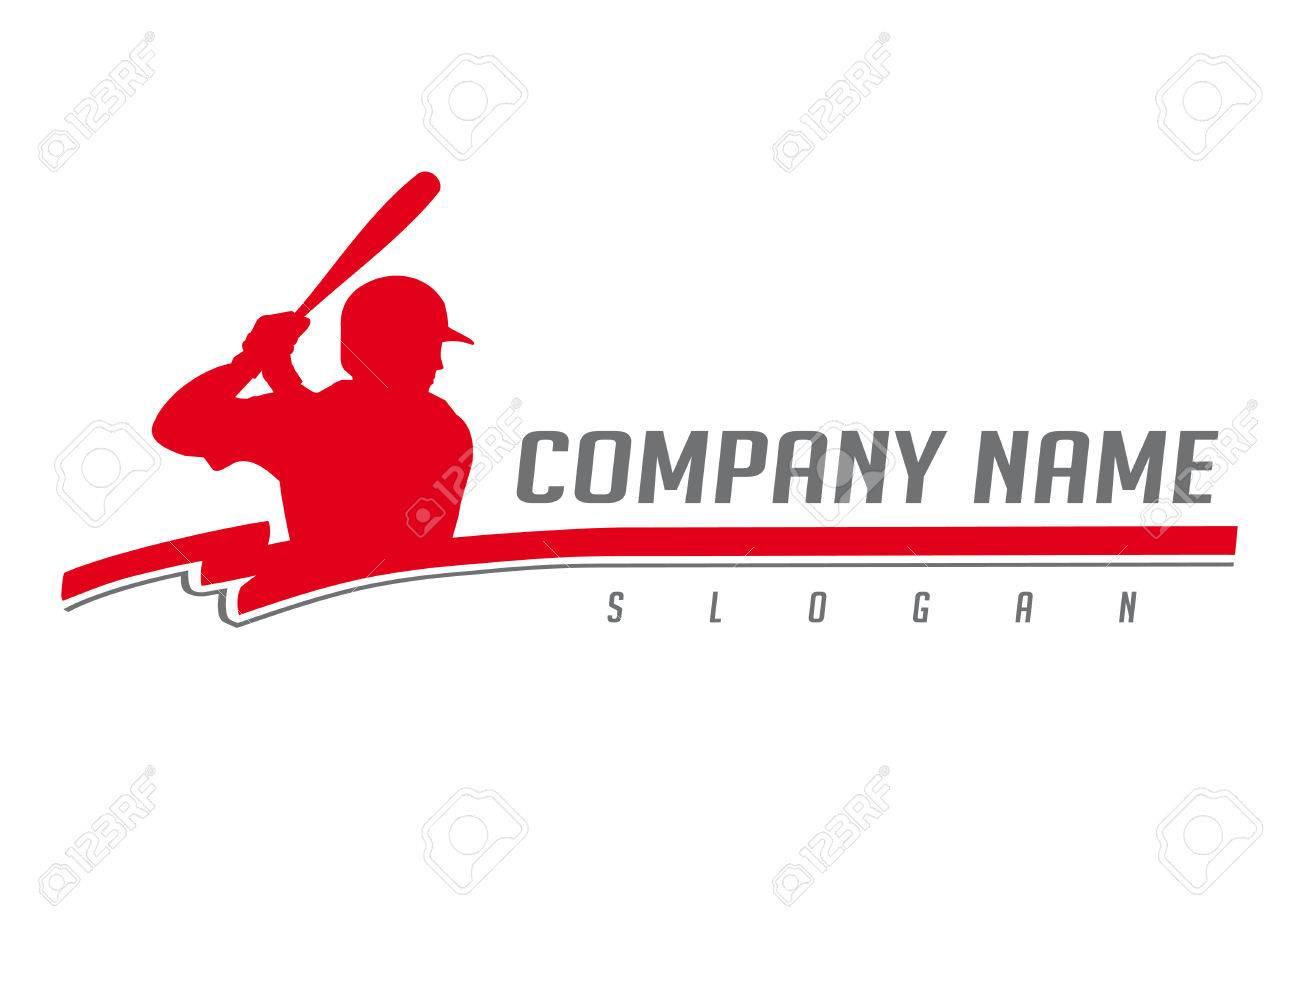 Baseball logo 2 - 80633681